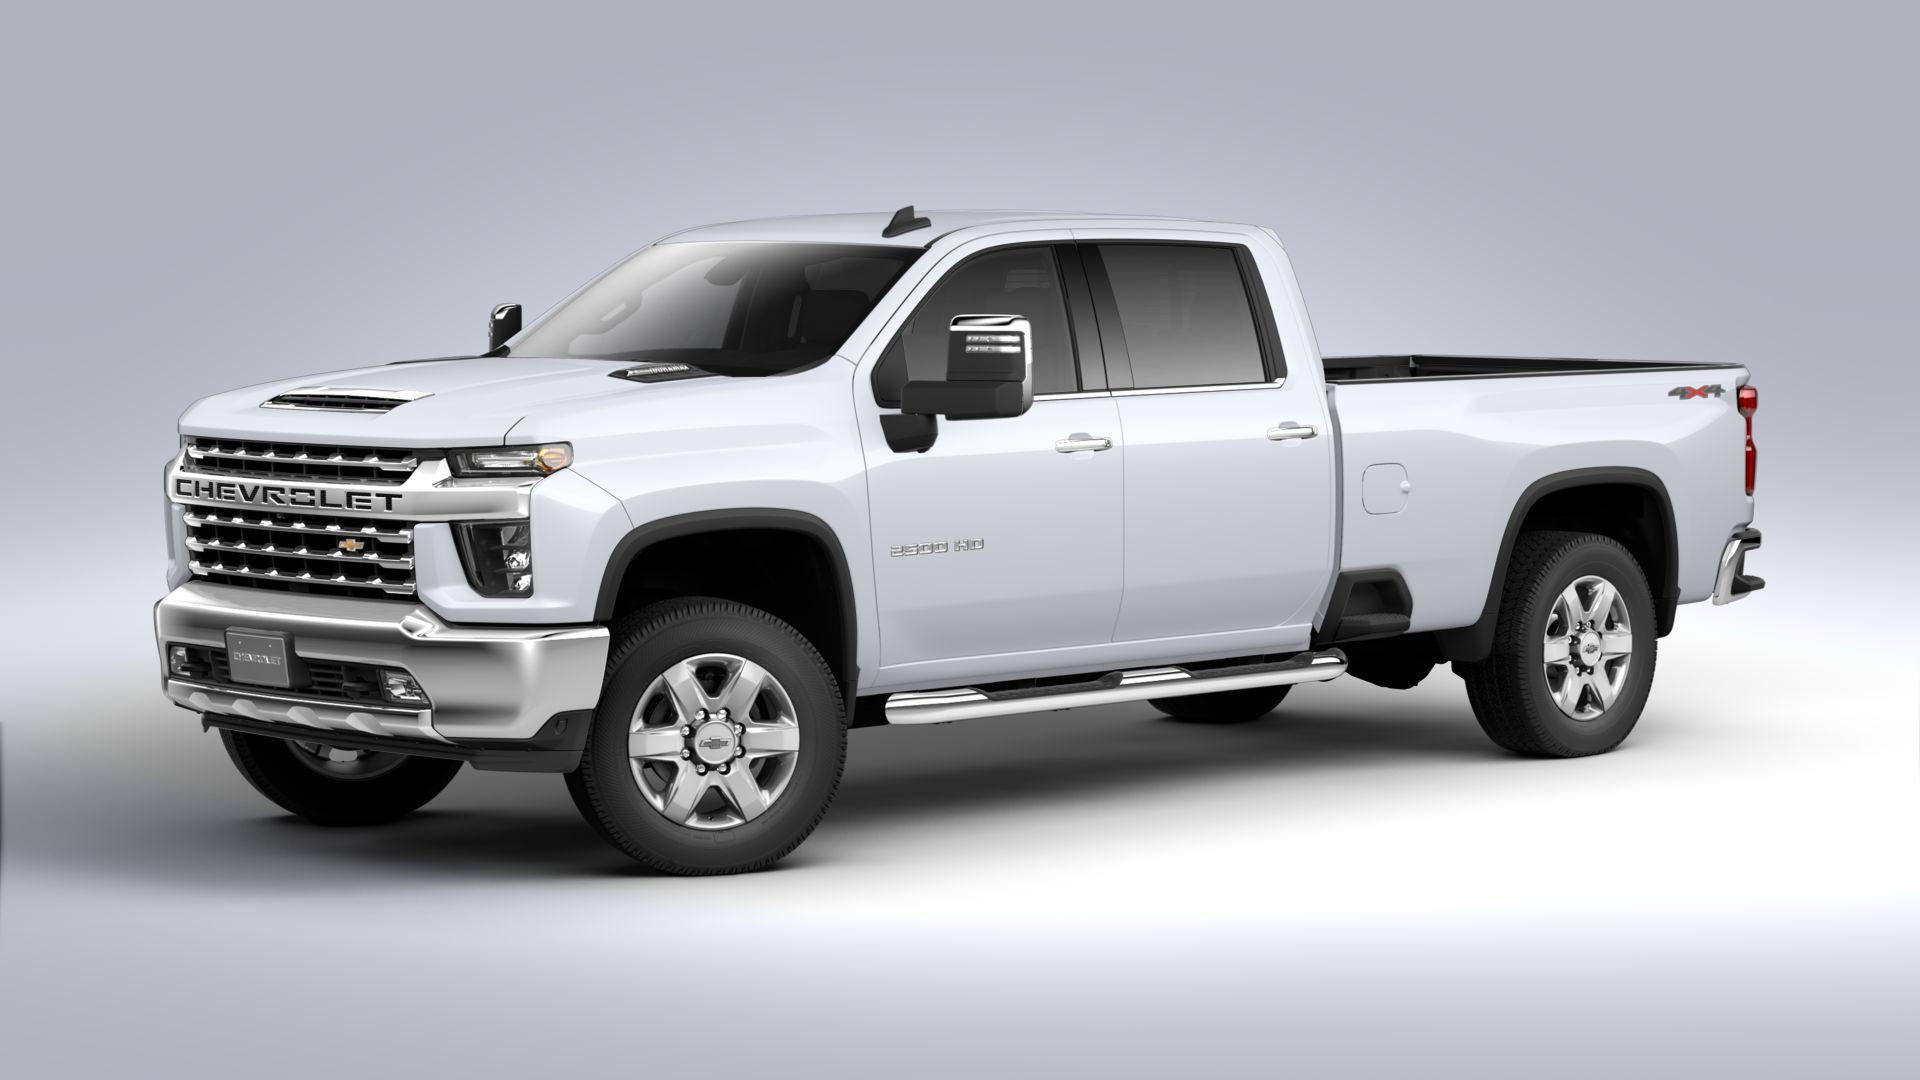 2020 Chevrolet Silverado 2500 HD Truck